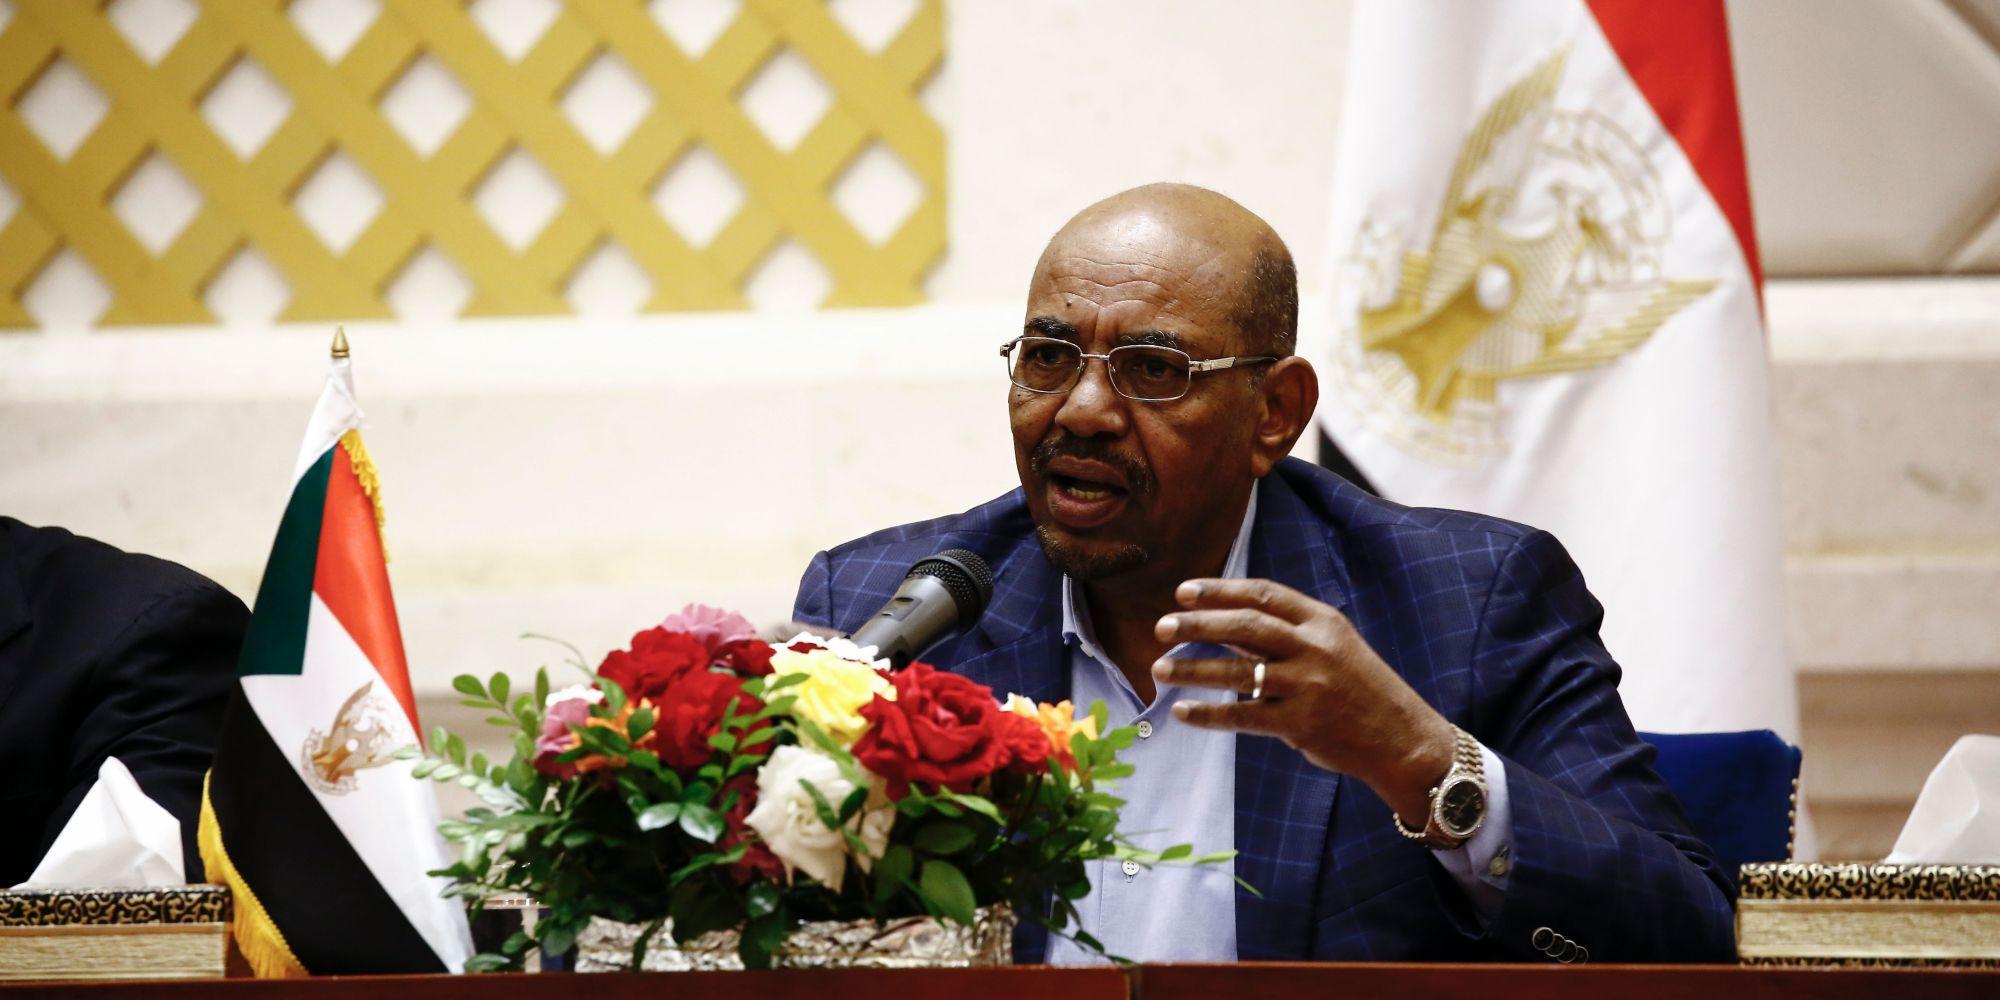 صحيفة مصرية: السودان طلب من أعضاء وقيادات الإخوان المسلمين مغادرة أراضيه فوراً